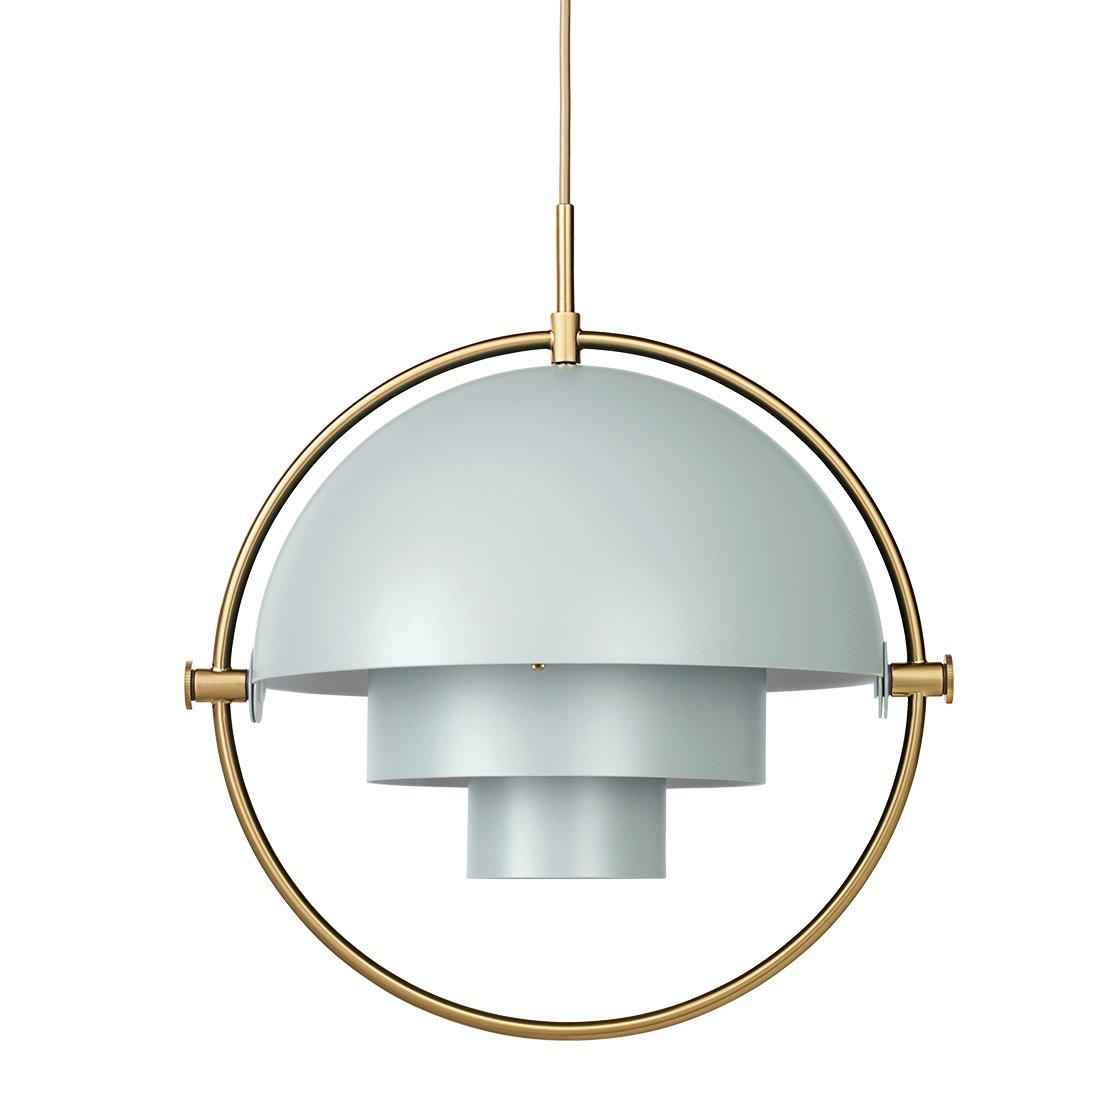 Gubi Multi-Lite Hanglamp Messing - Sea Grey